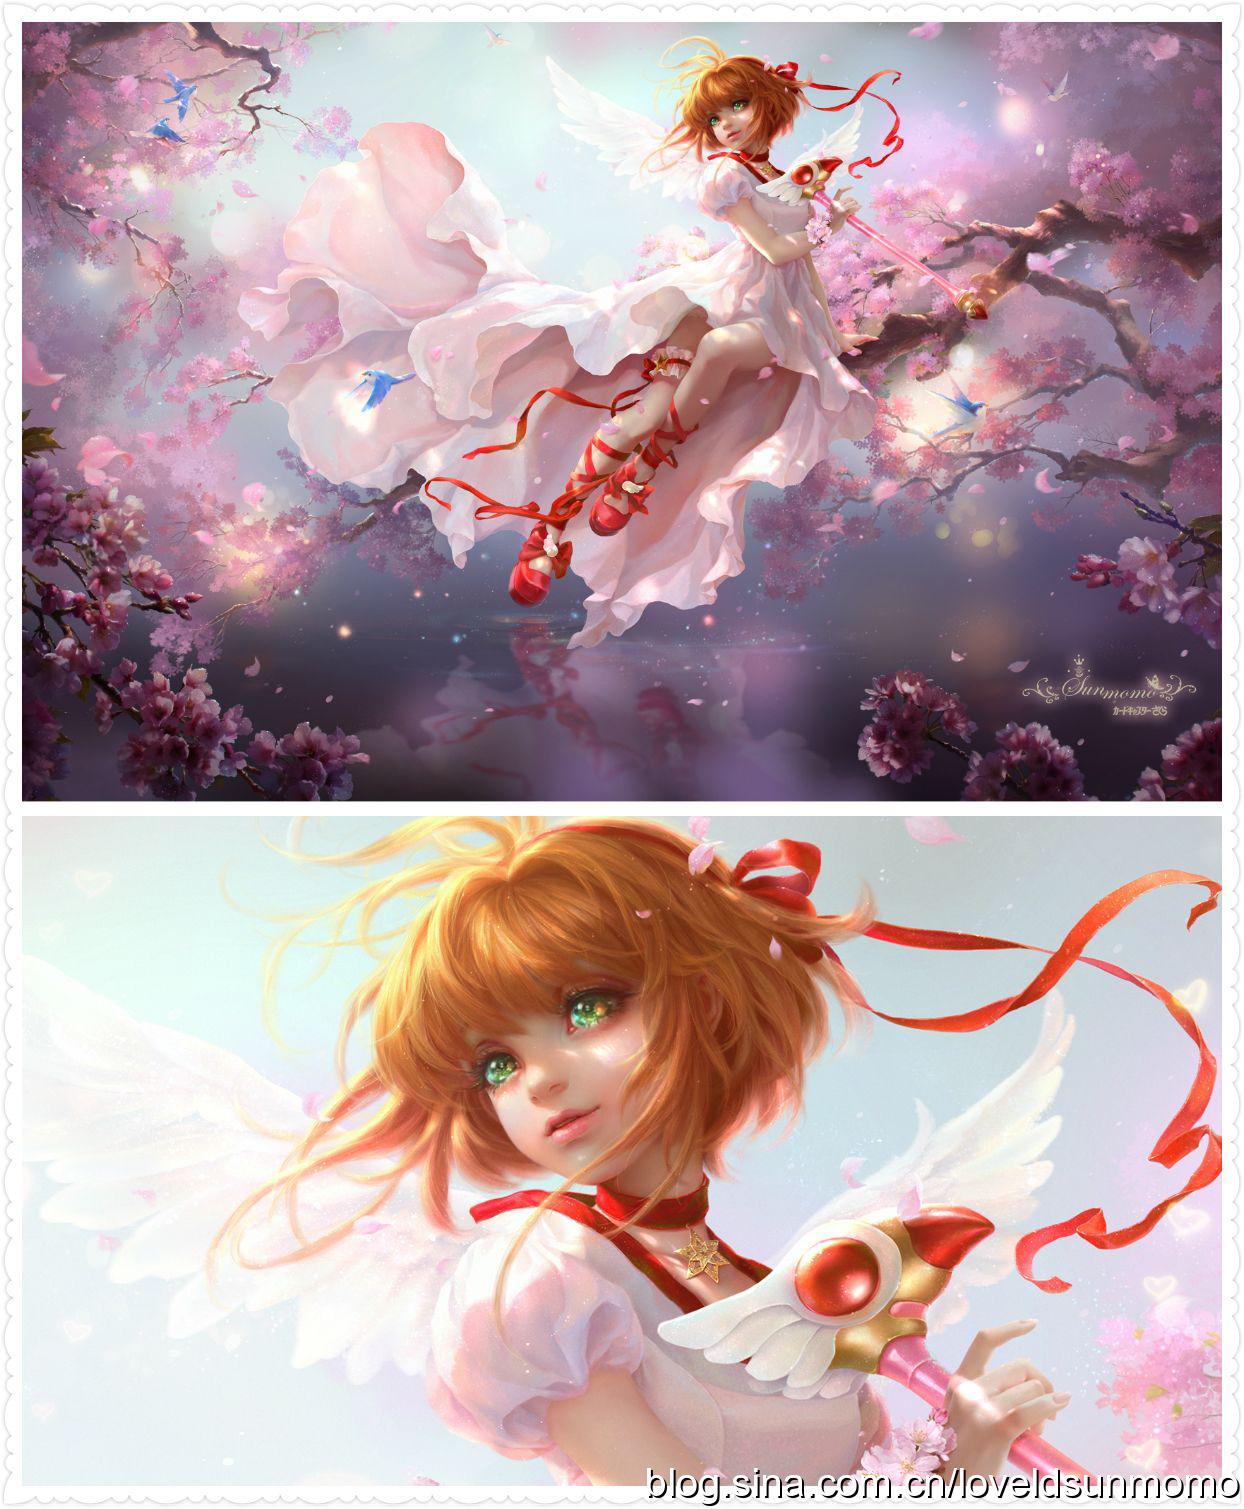 Sakura Card Captors fanart